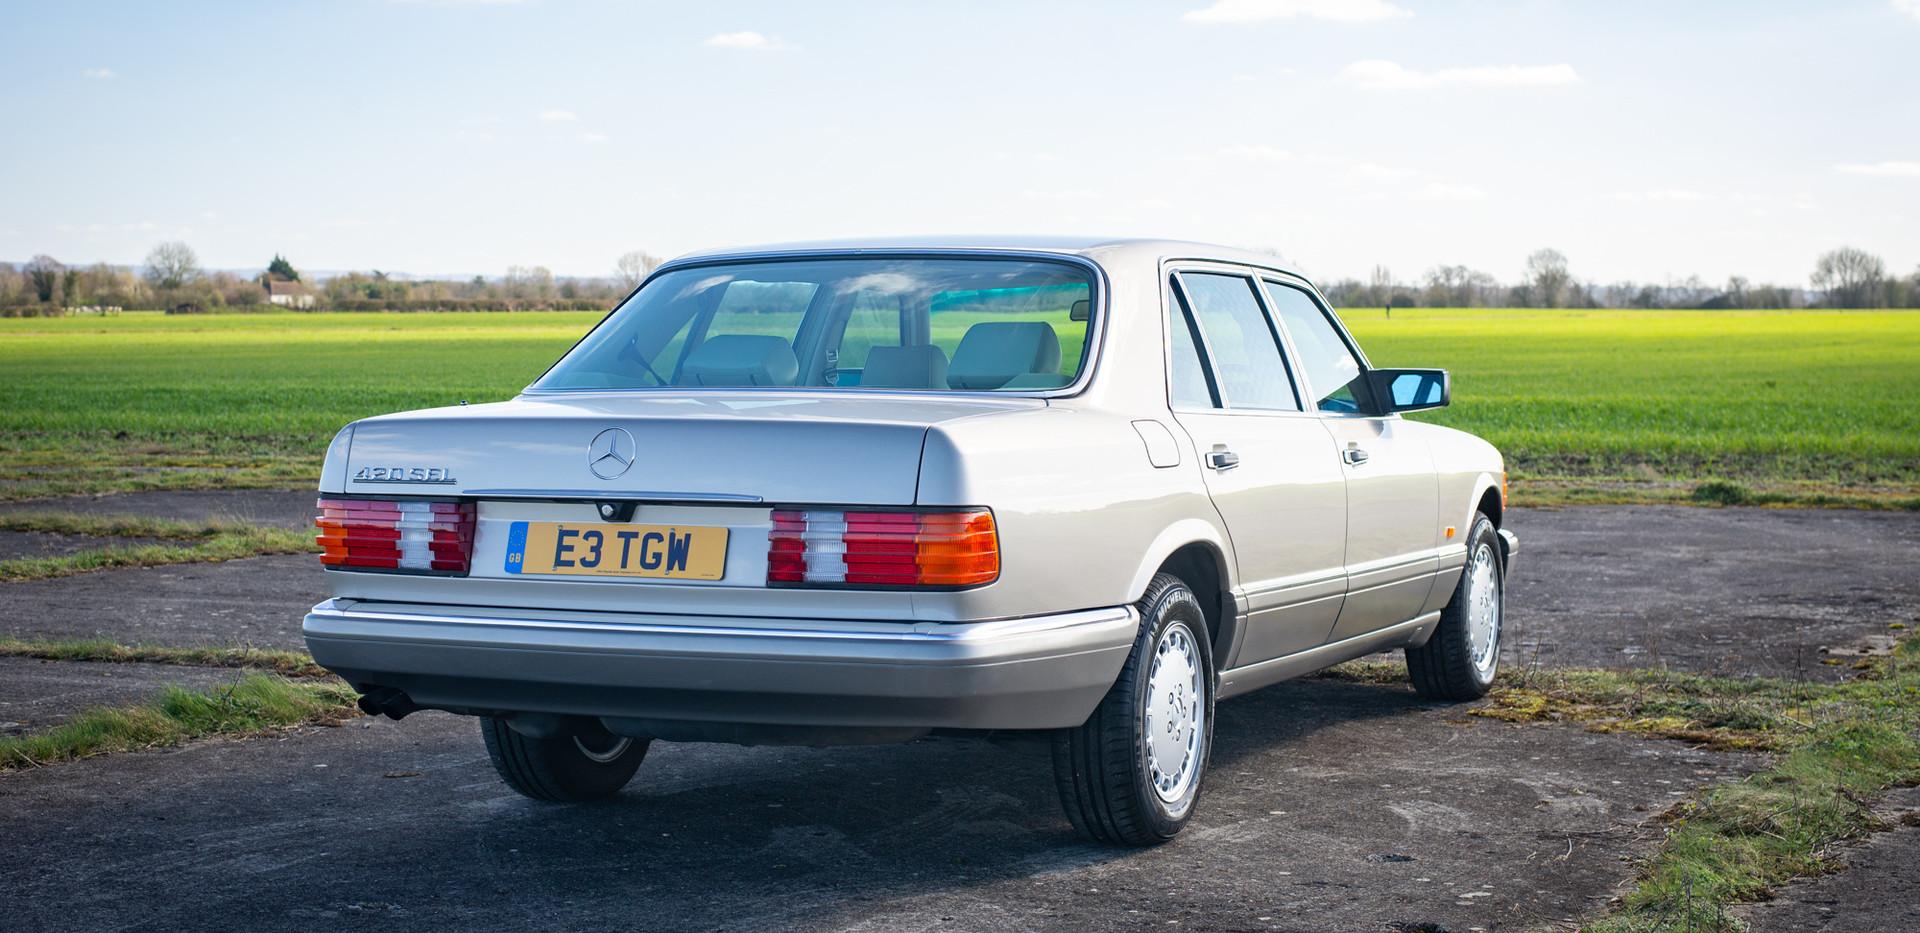 W126 420SEL E3TGW For Sale London-9.jpg